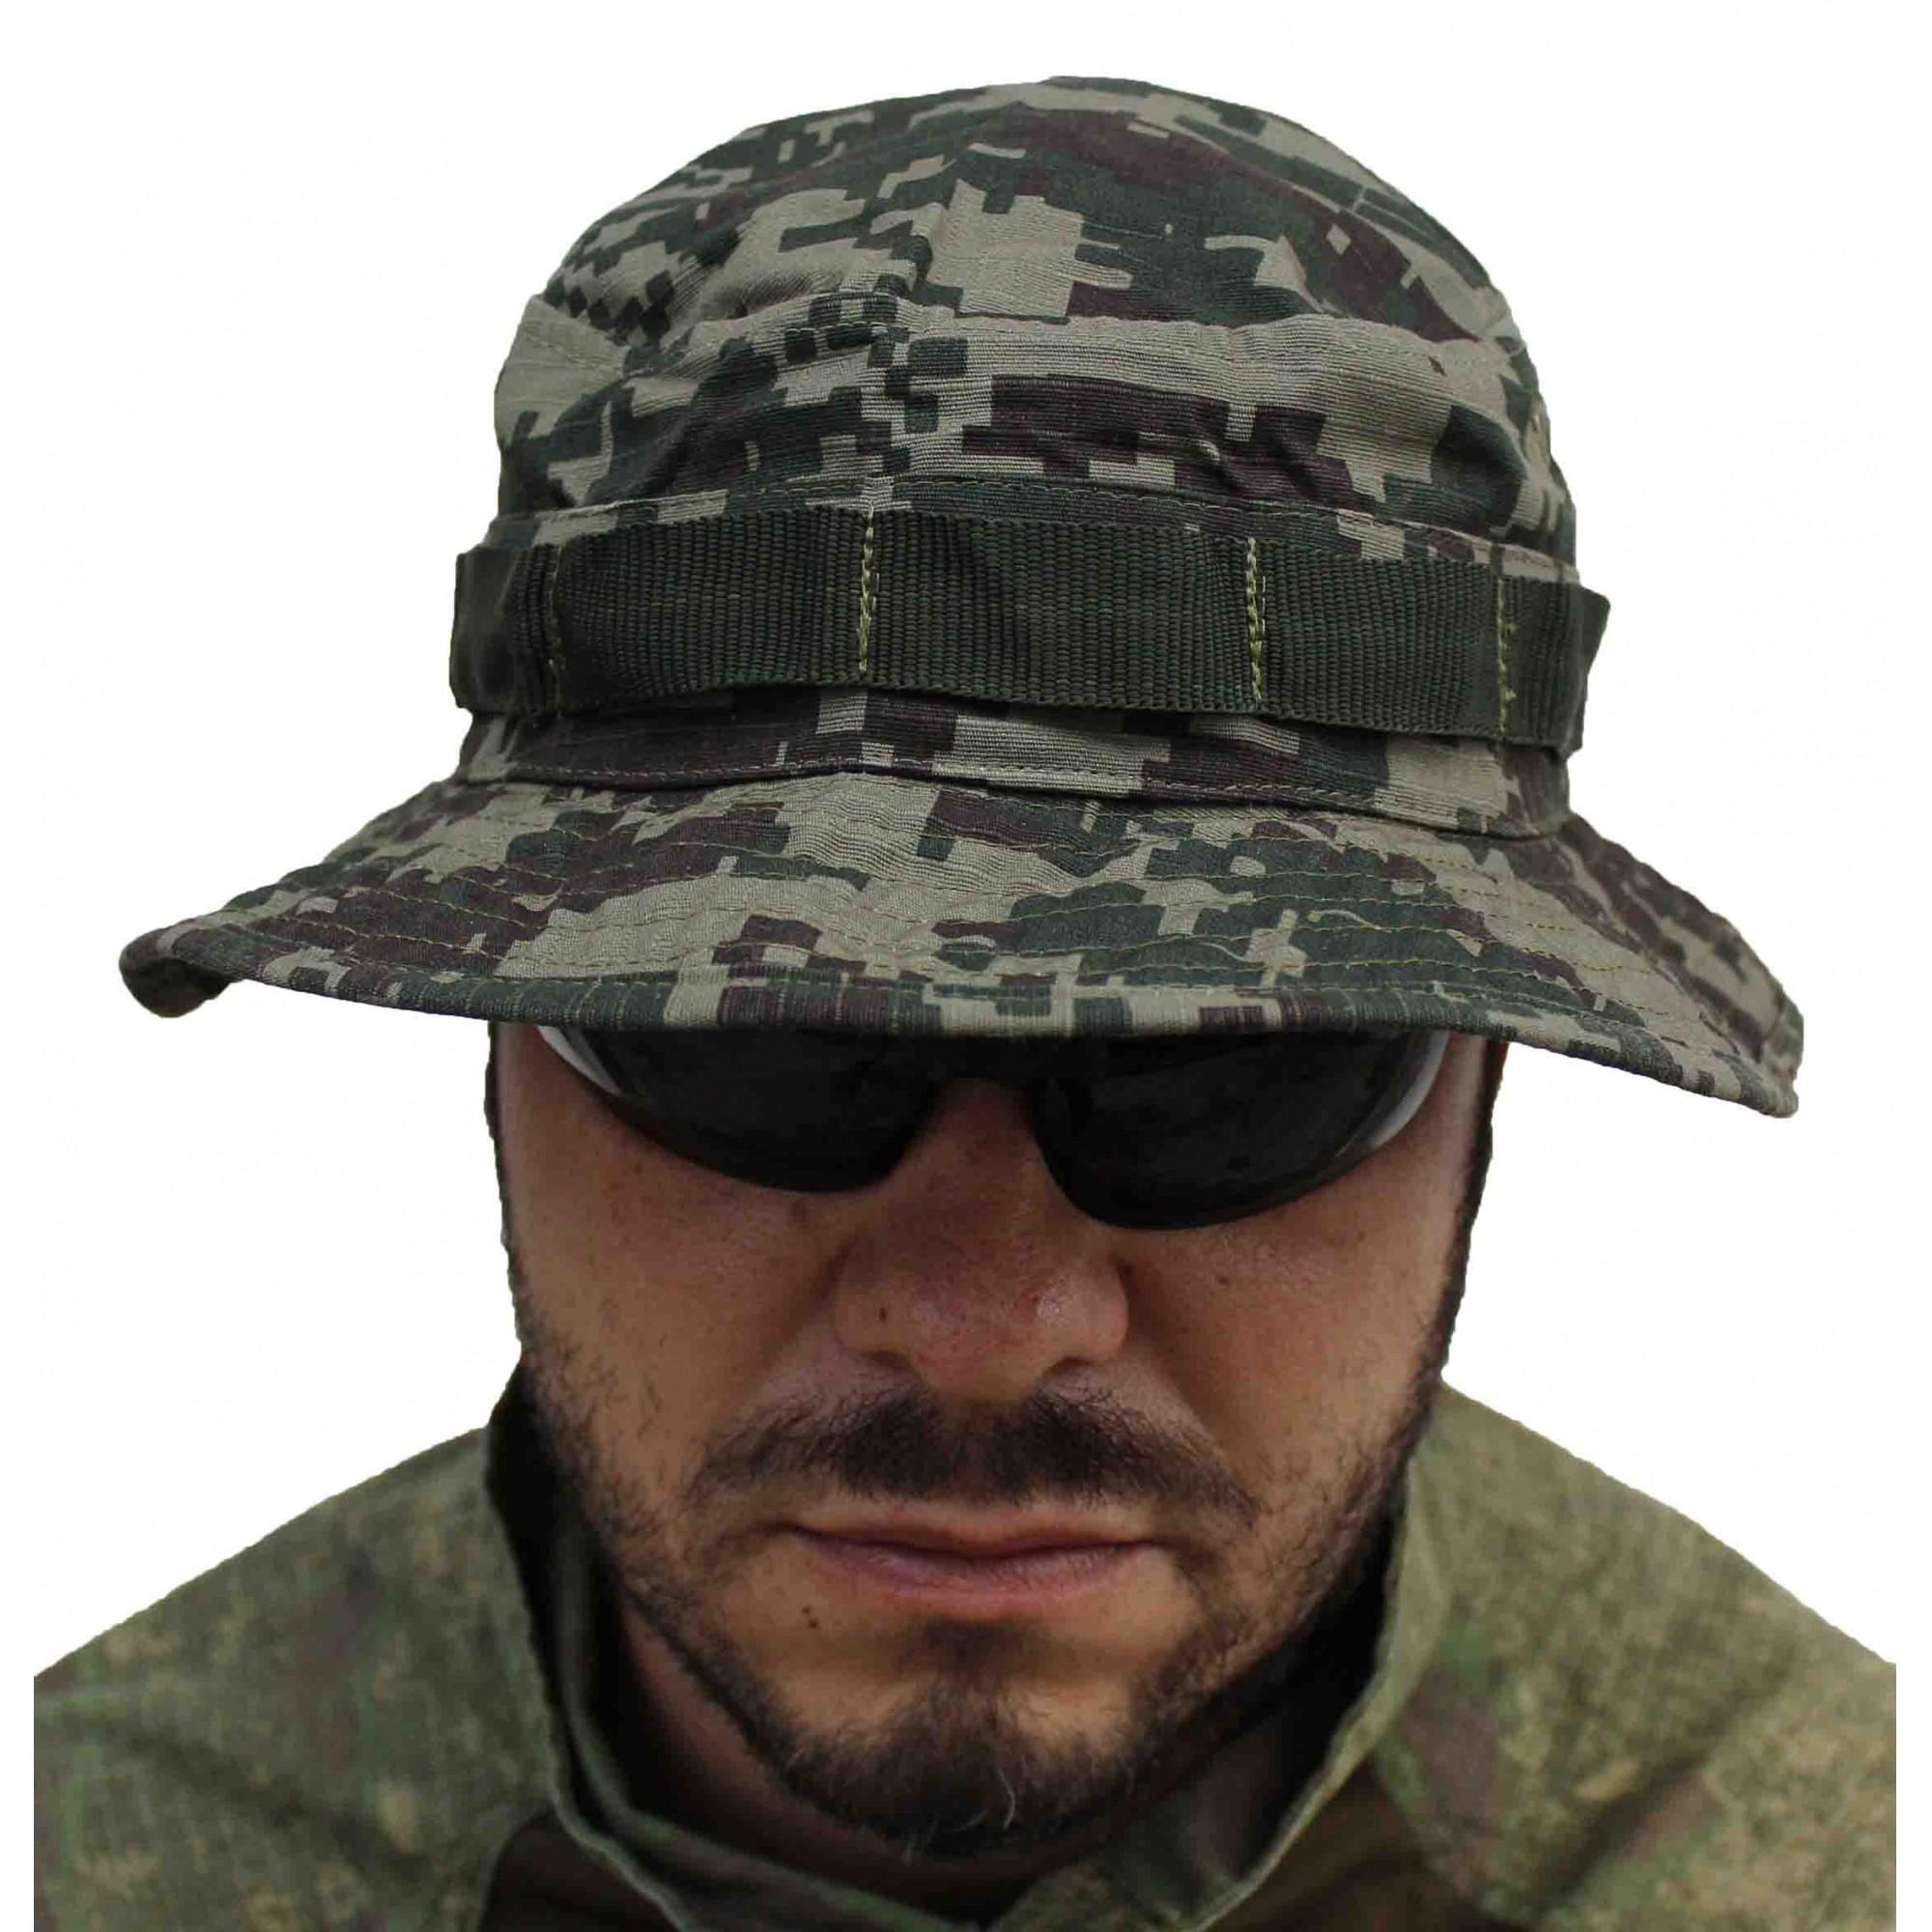 Bonnie Hat - Marpat EB